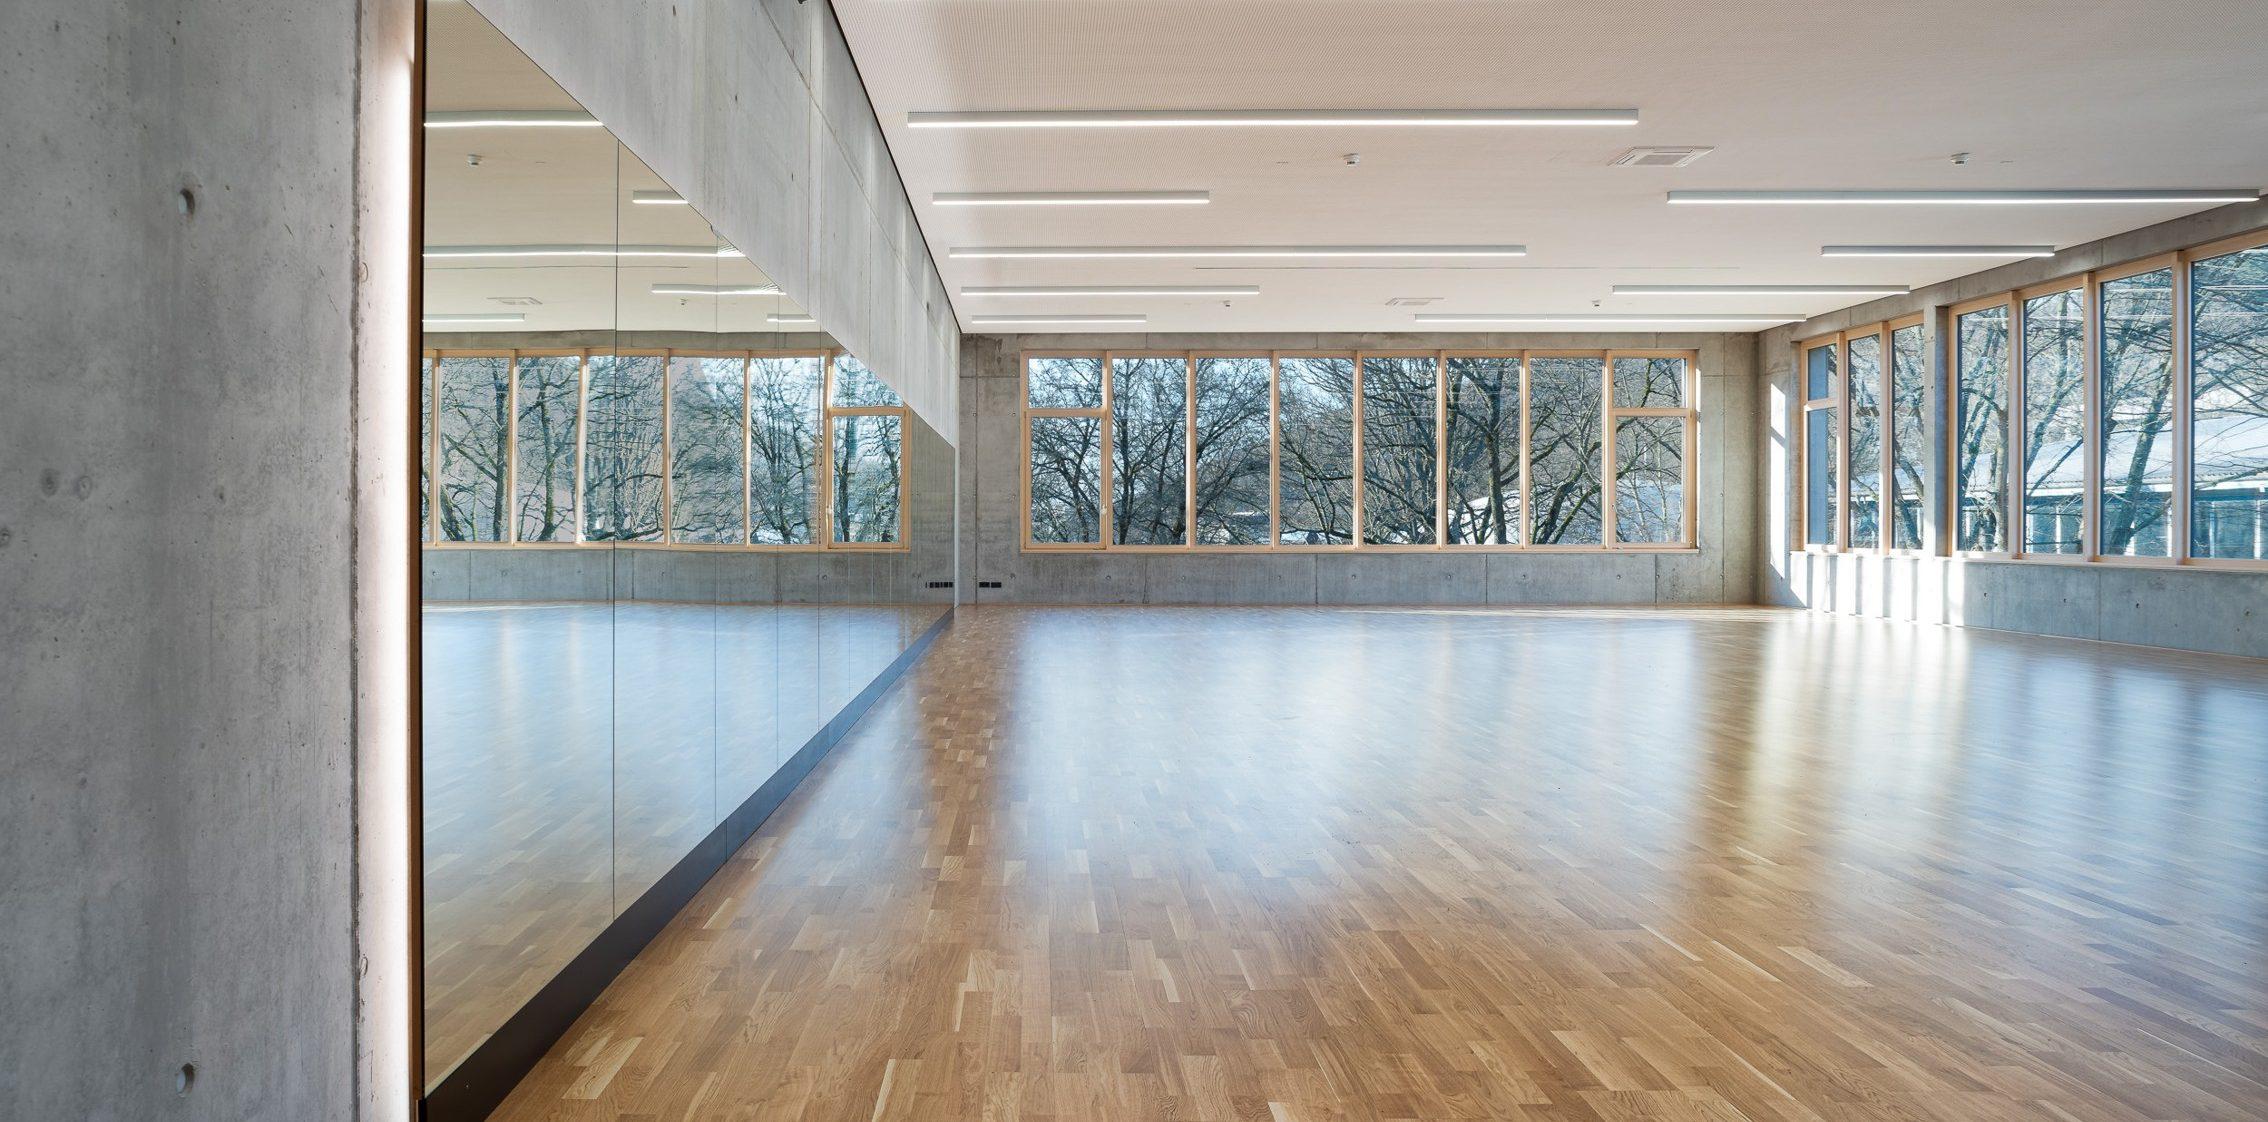 Sportstättenbeleuchtung von Malm licht + gestaltung Freiburg Lichtplanung Lichtgestaltung Lichtdesign